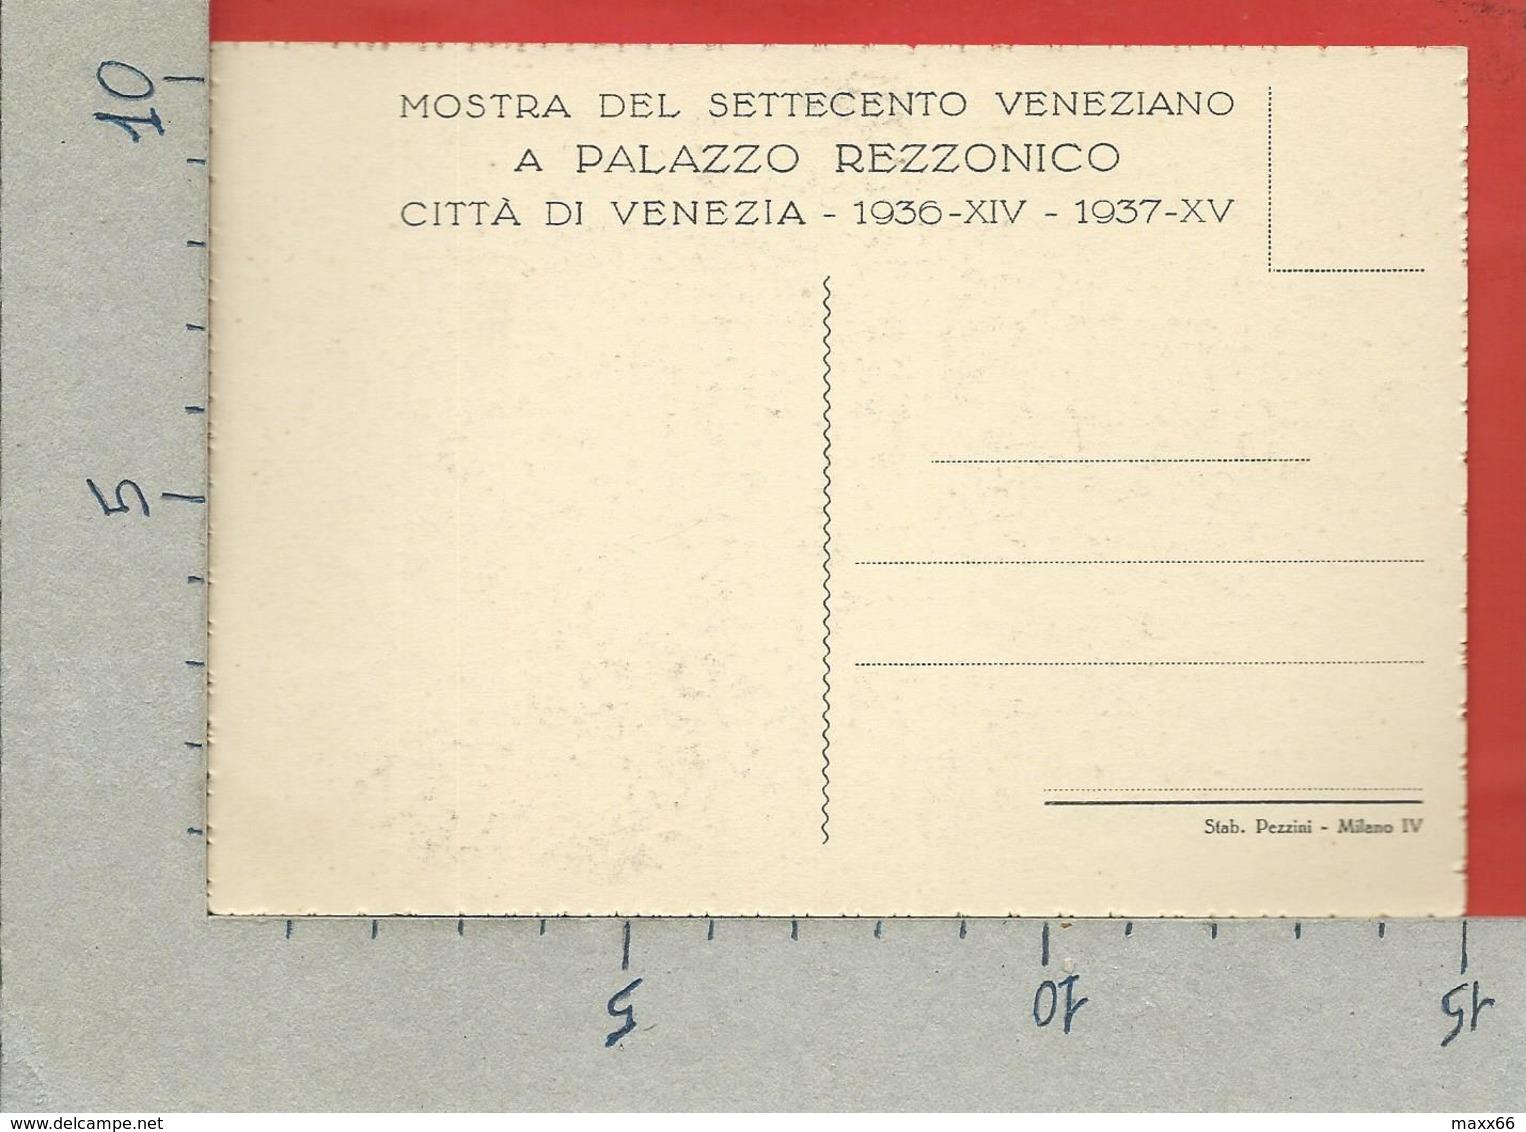 CARTOLINA NV ITALIA - 1936 Mostra Settecento Veneziano A Cà Rezzonico - VENEZIA - Portego Di Zianigo - 10 X 15 - Esposizioni